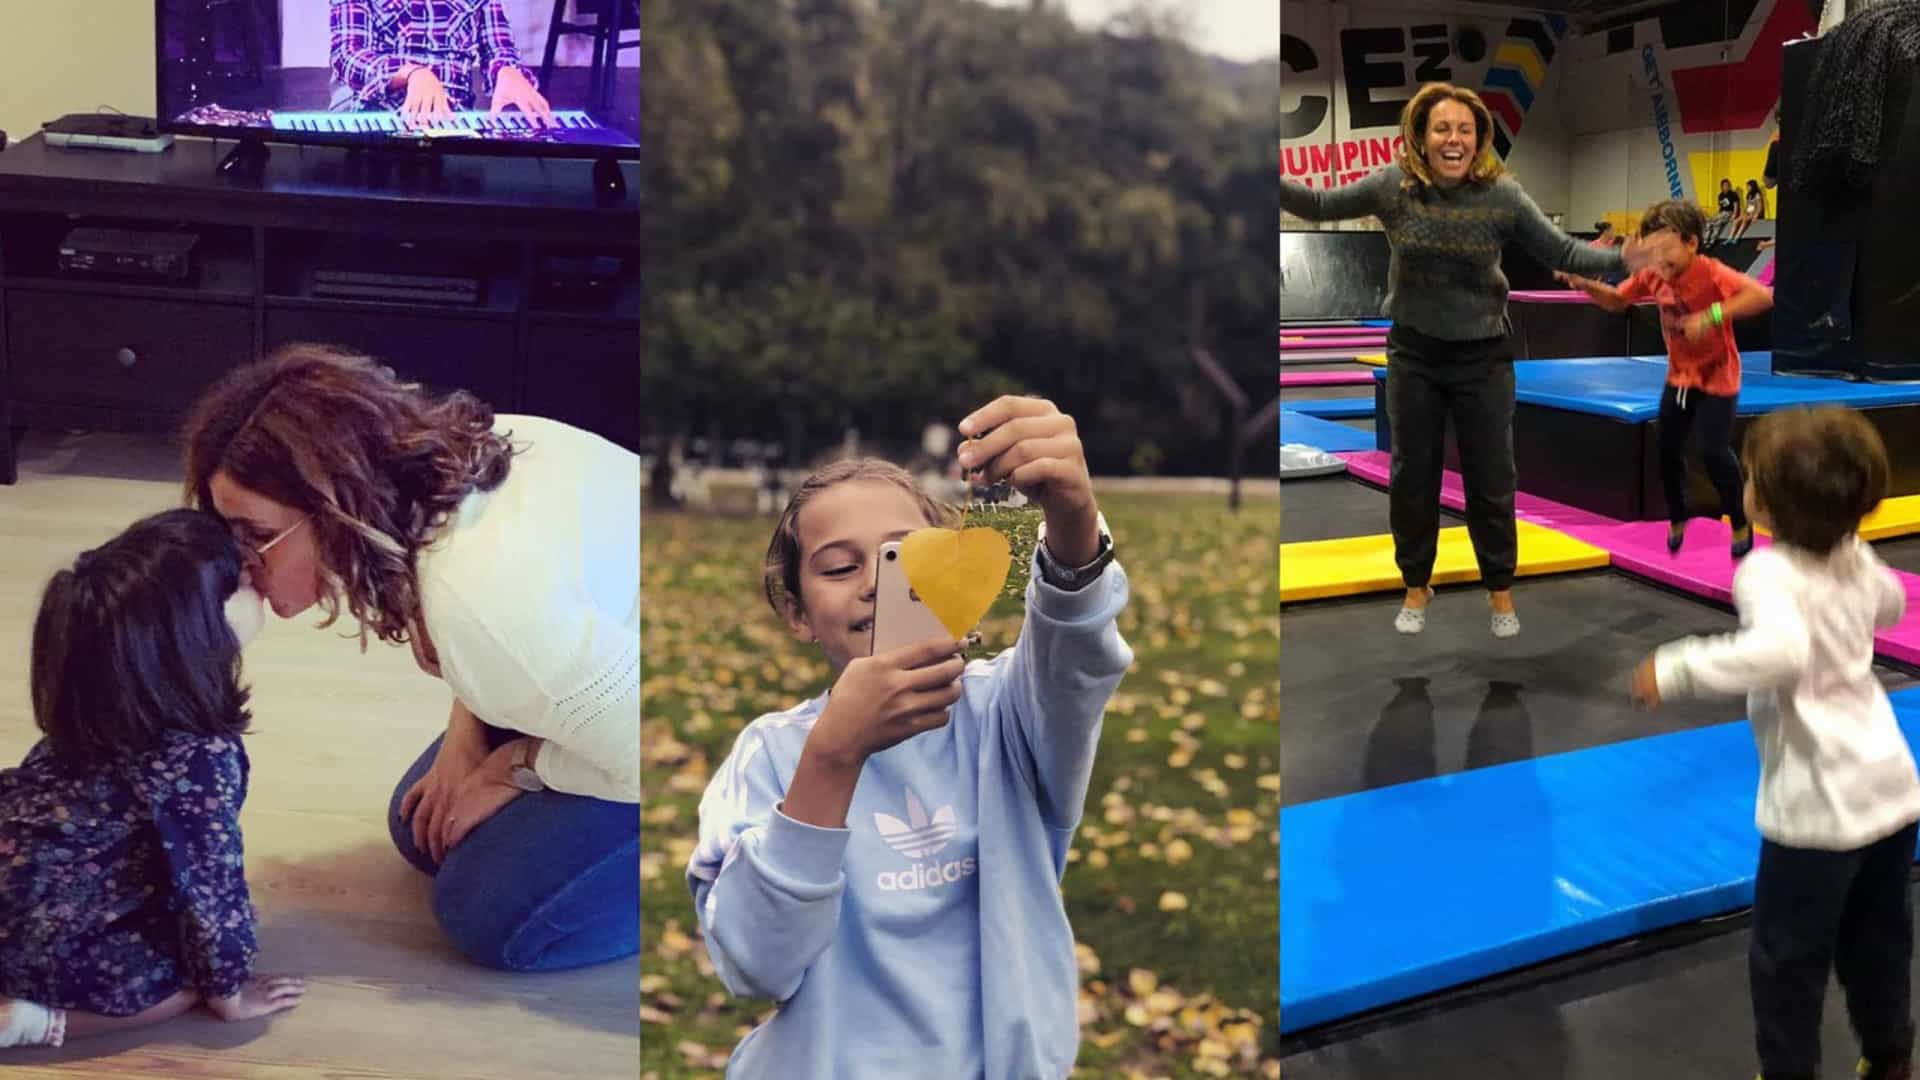 O que fizeram os famosos com os filhos neste fim-de-semana de chuva?